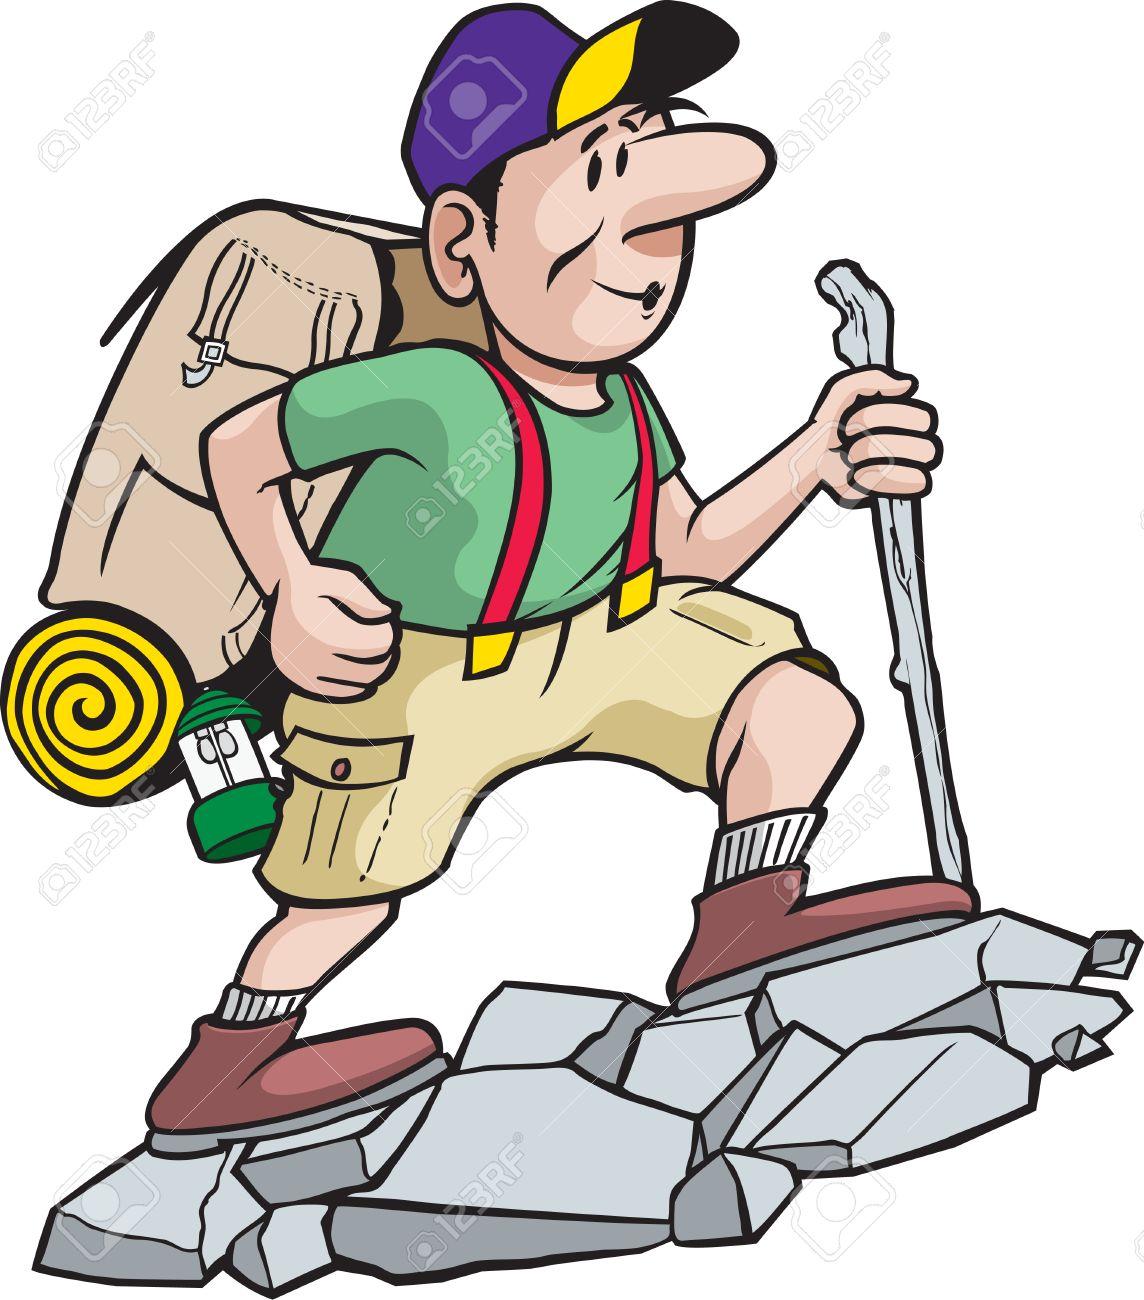 A cartoon hiker enjoying the great outdoors - 26868737